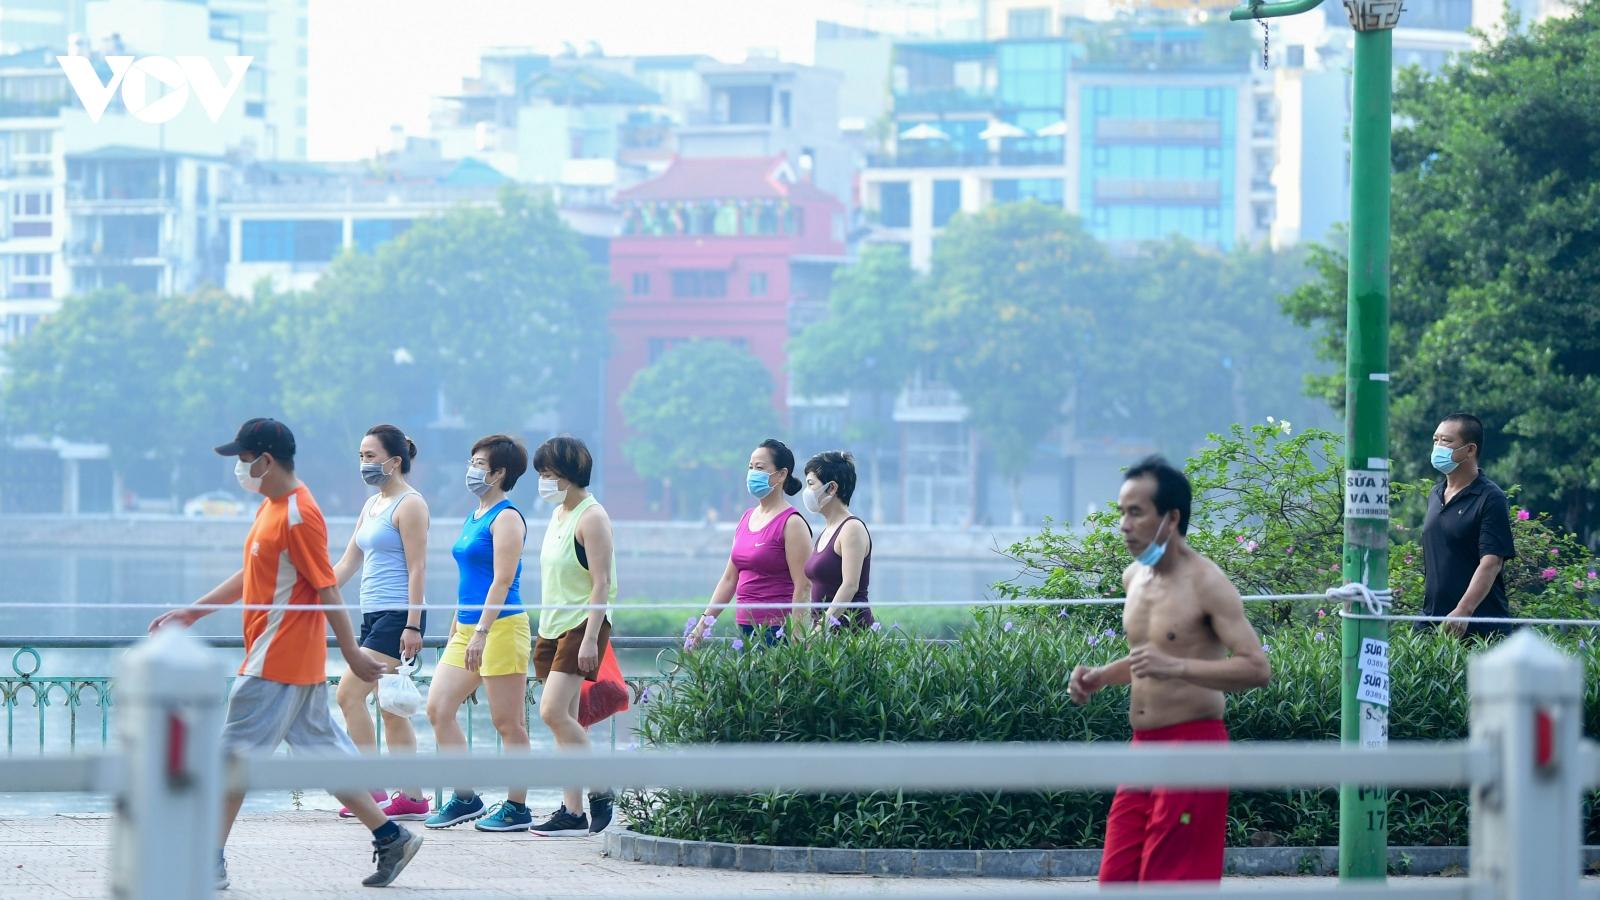 Sáng đầu tiên Hà Nội siết chặt phòng chống dịch, người dân vẫn túa ra đường tập thể dục